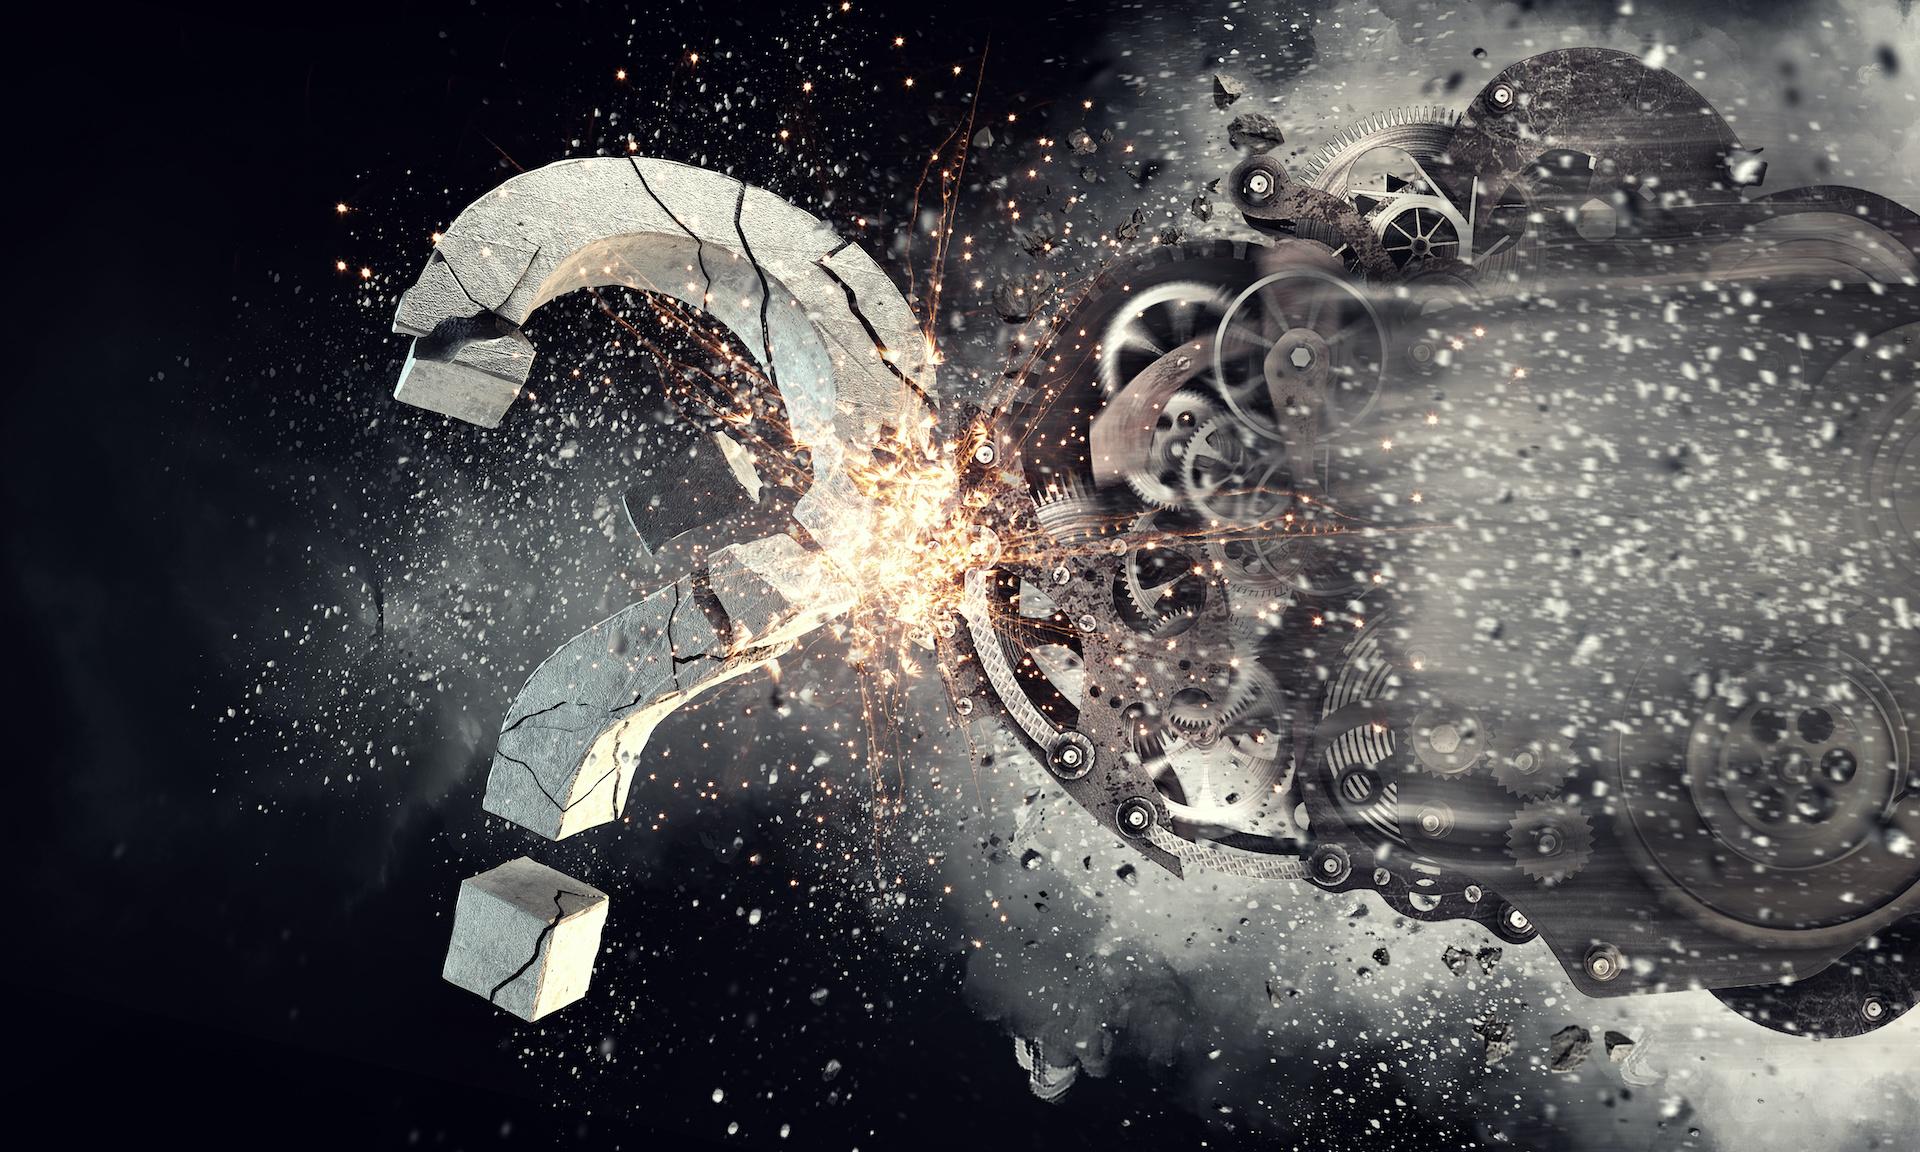 Obraz przedstawia kolaż, uszkodzone mechanizmy i duży znak zapytania.